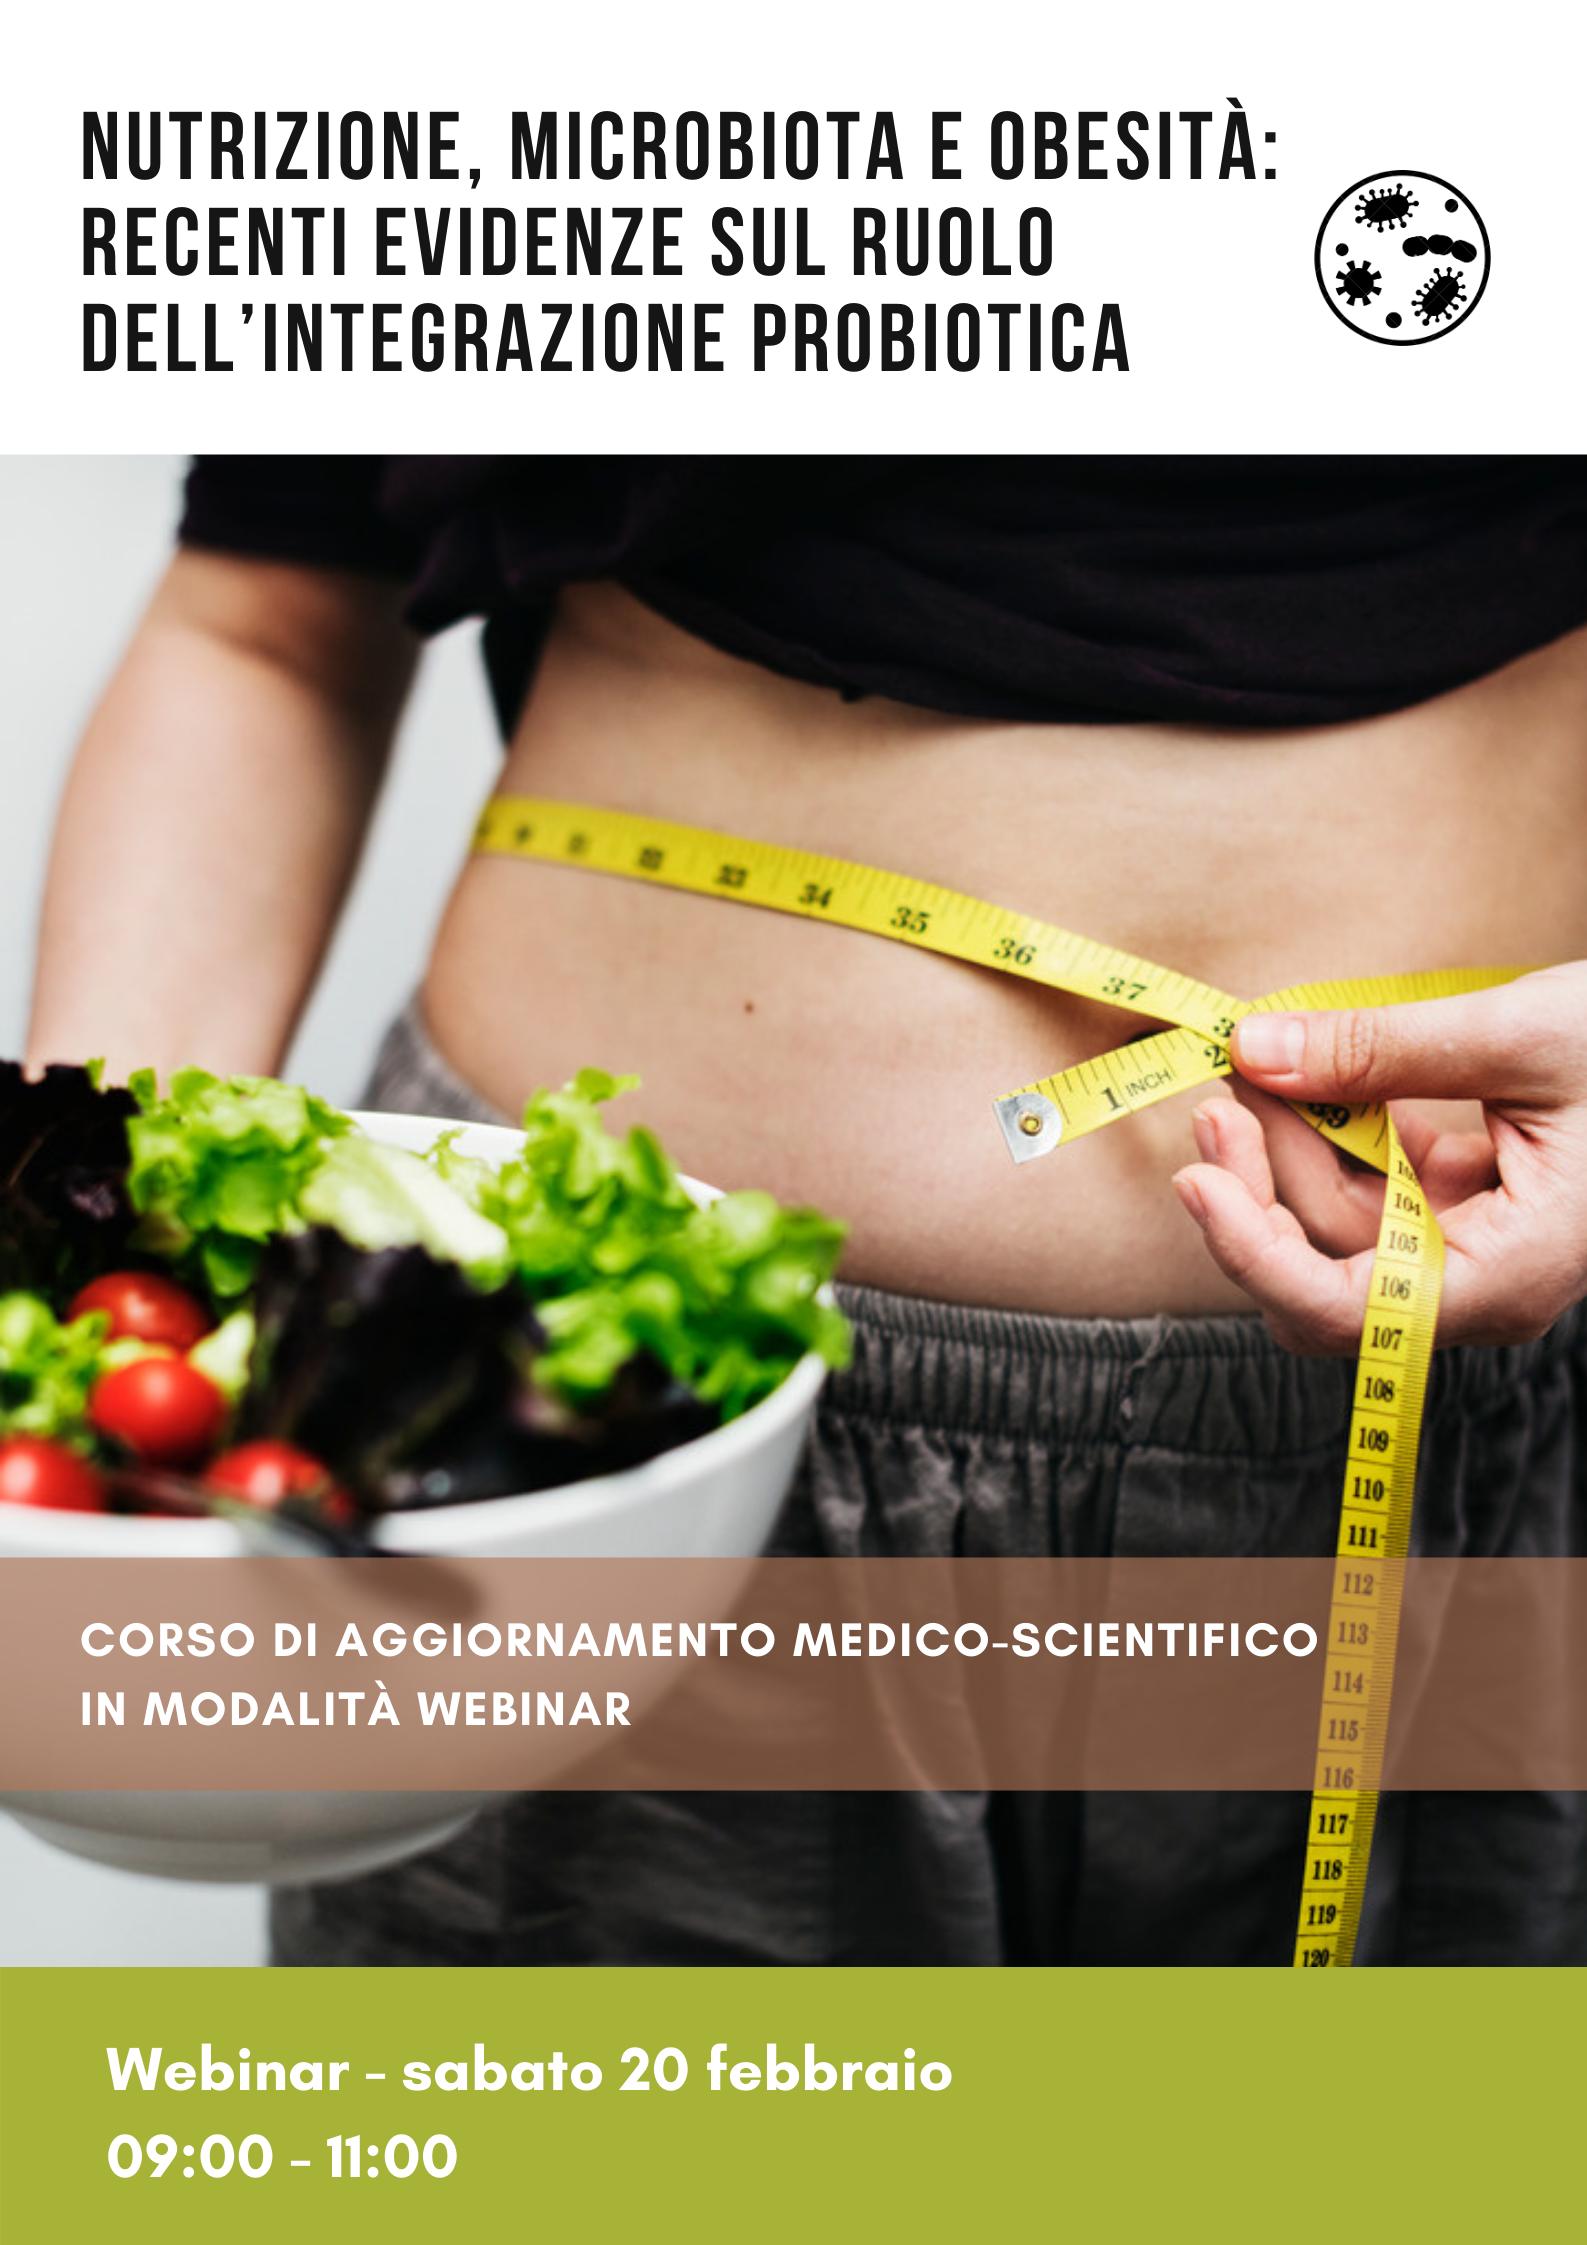 Nutrizione, microbiota e obesità: recenti evidenze sul ruolo dell'integrazione probiotica